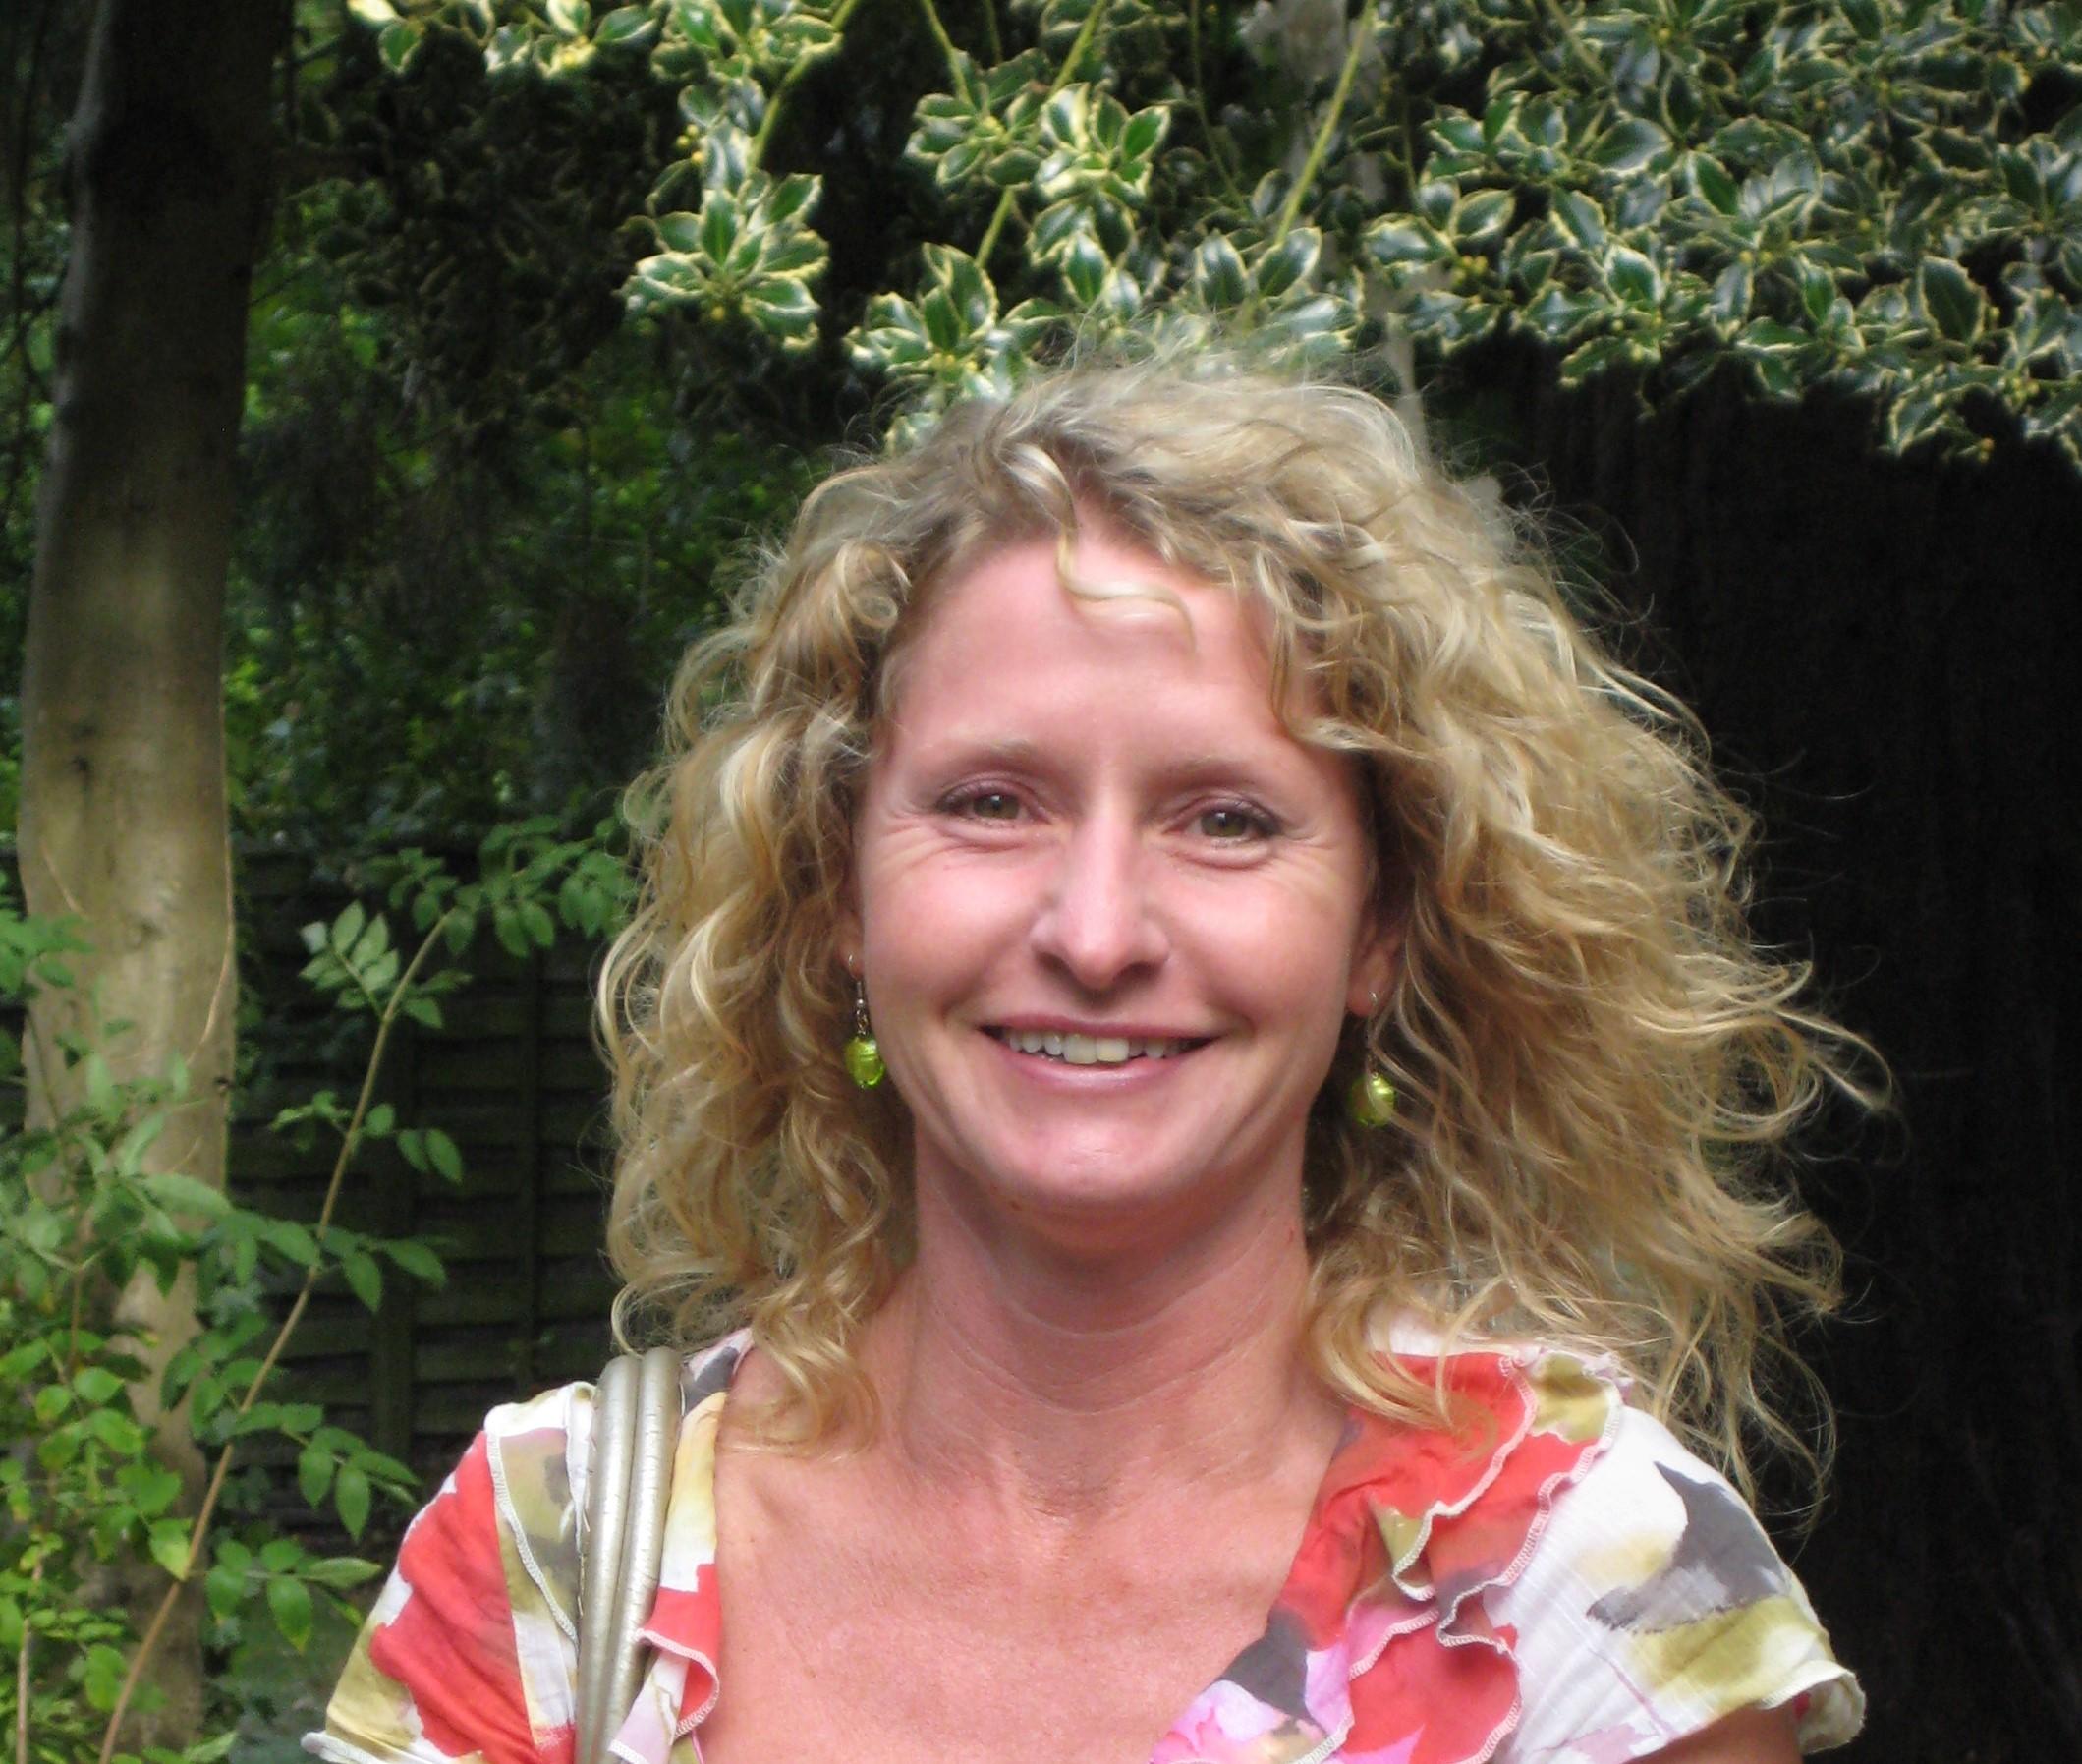 Julie Fitter